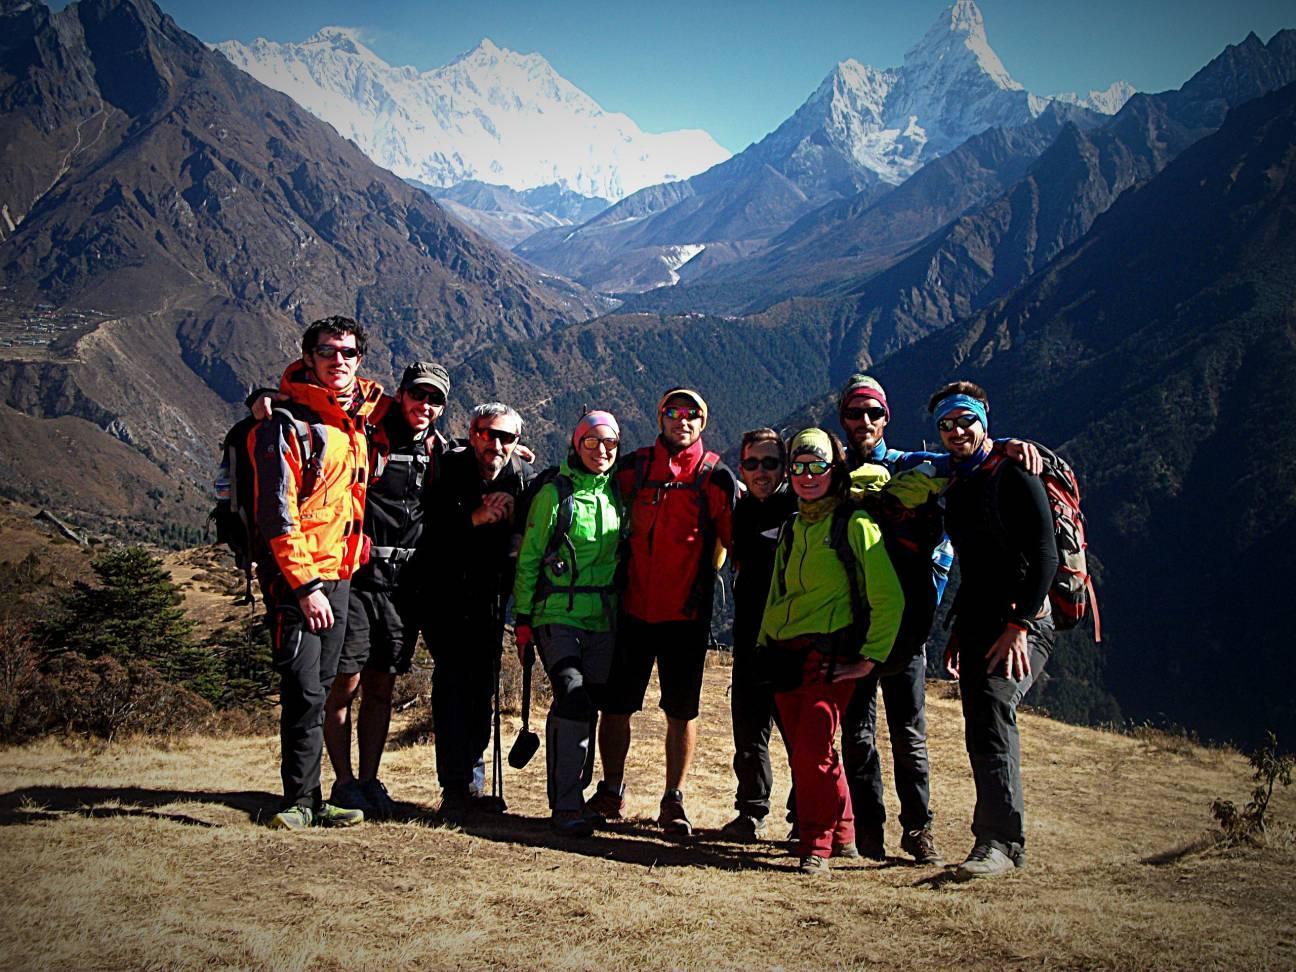 Туристы в горах в треккинговом походе